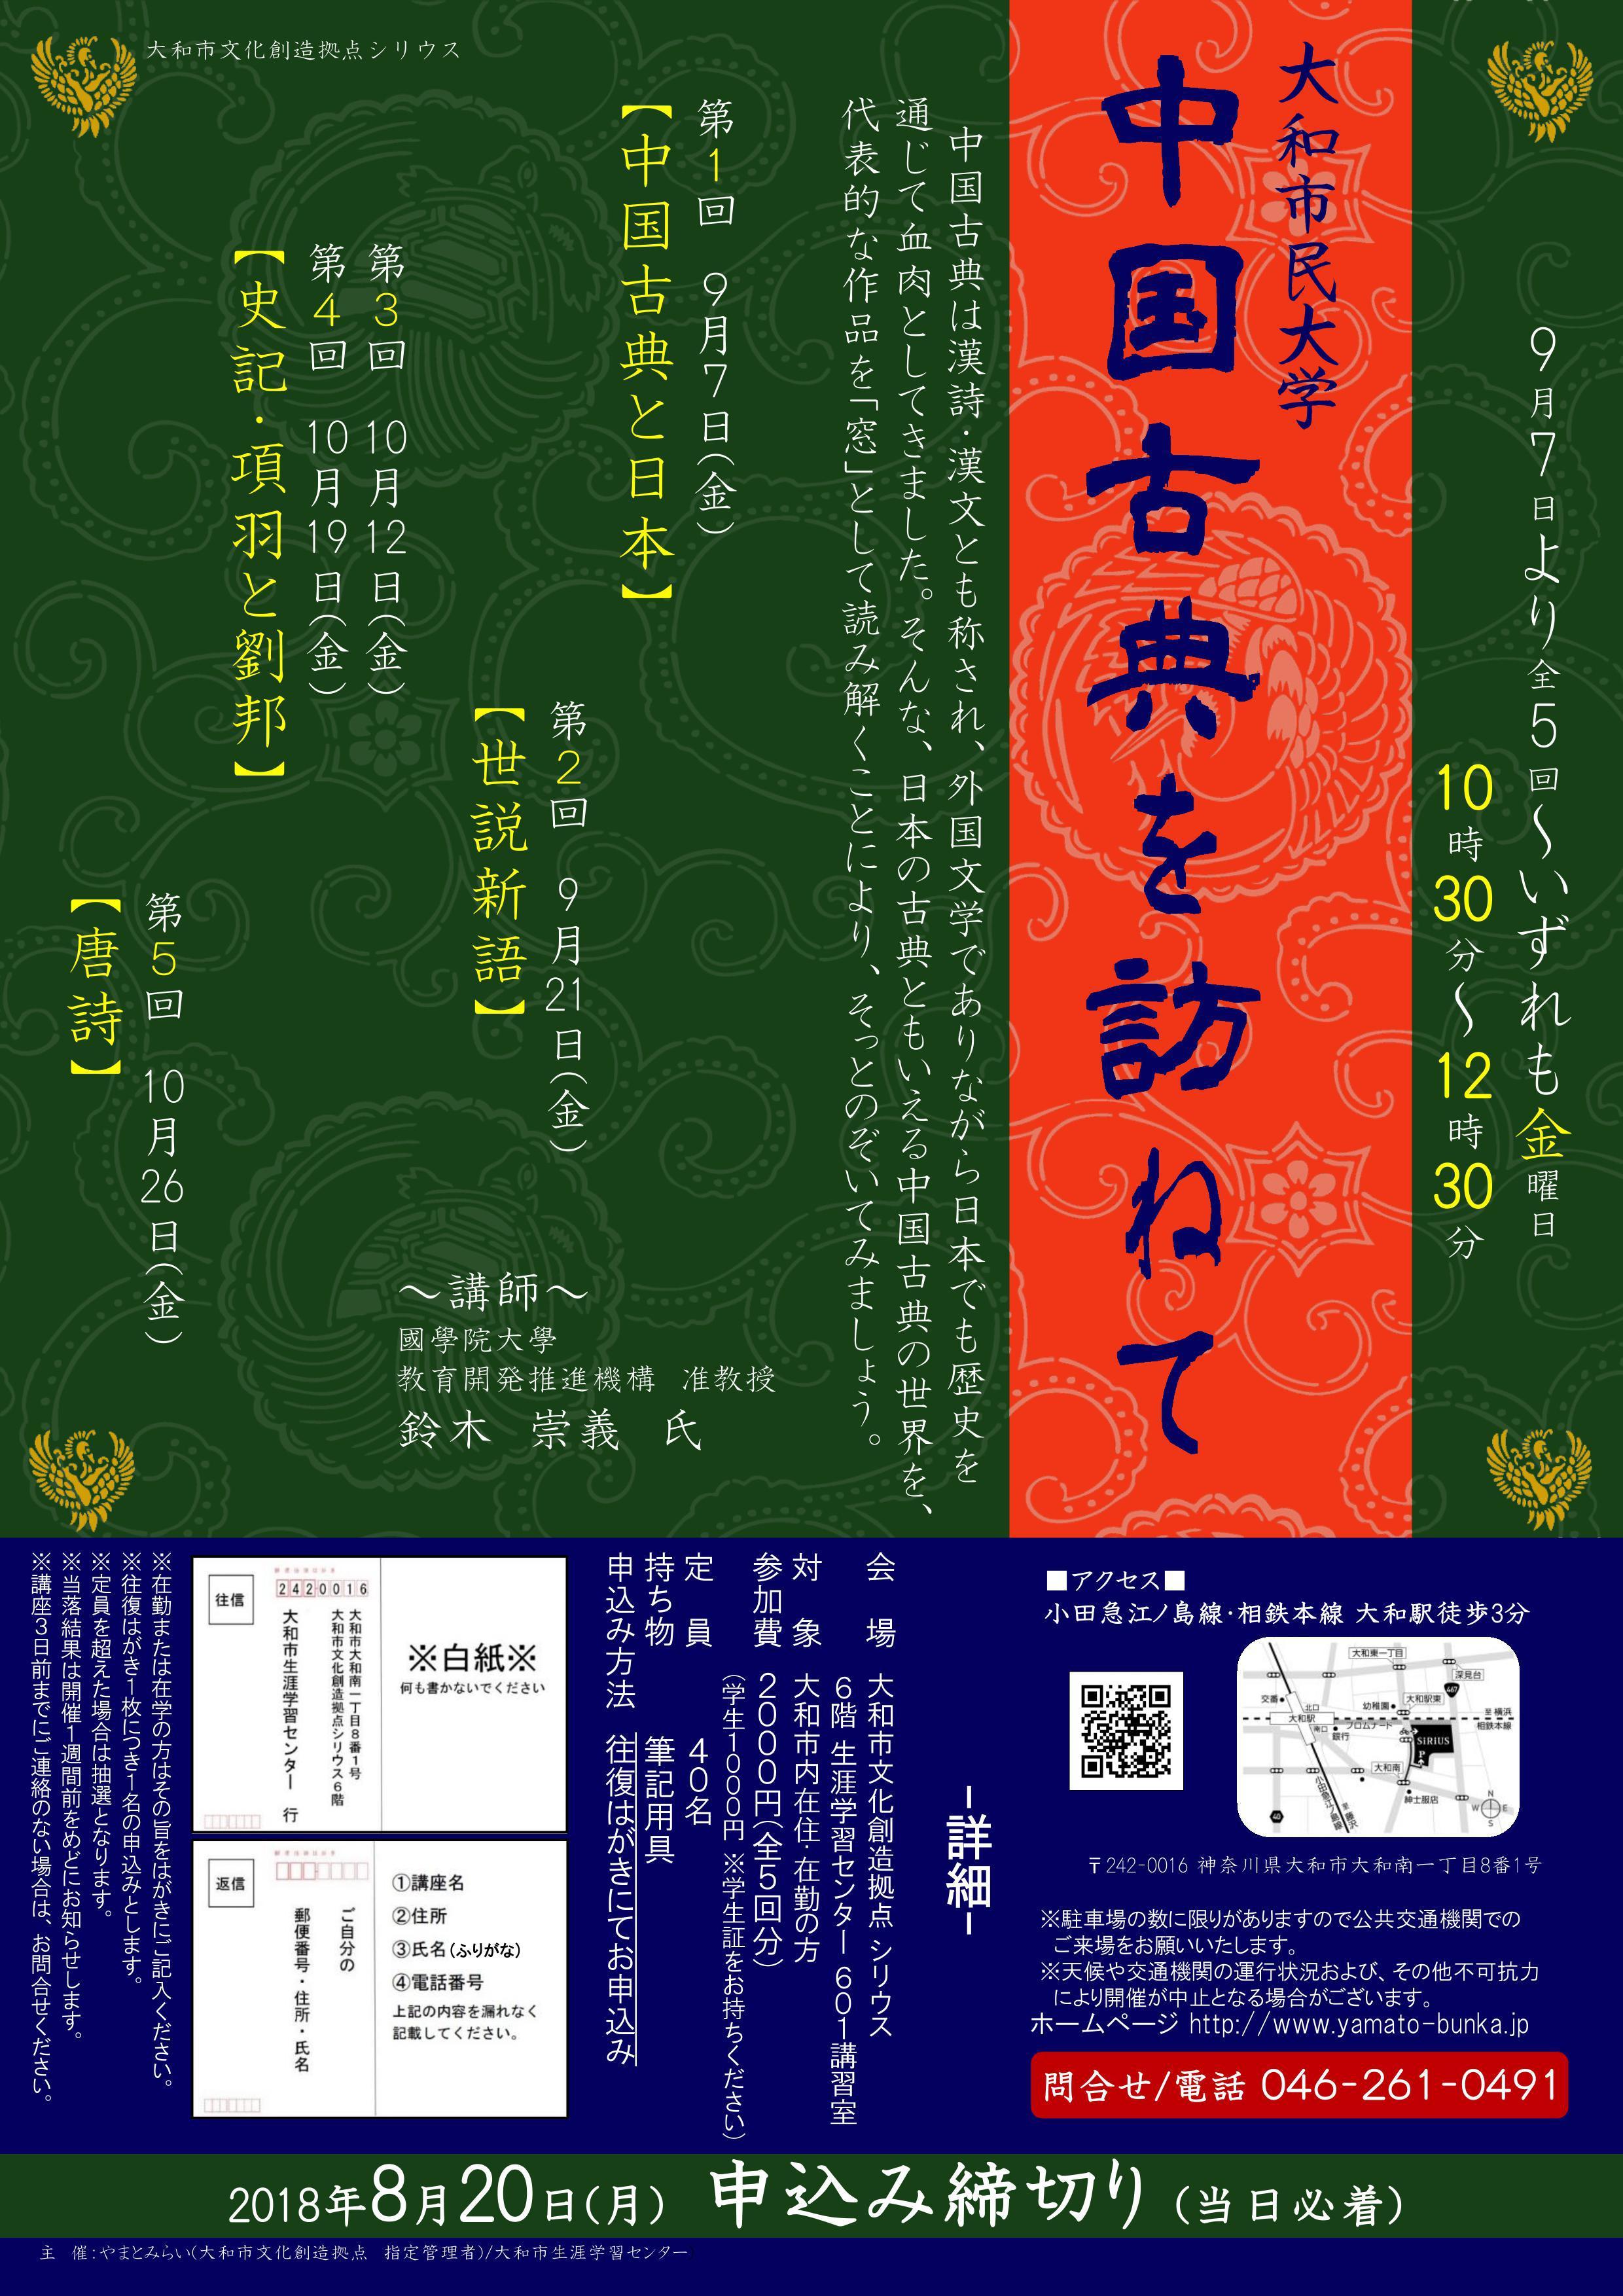 大和市民大学「中国古典を訪ねて」